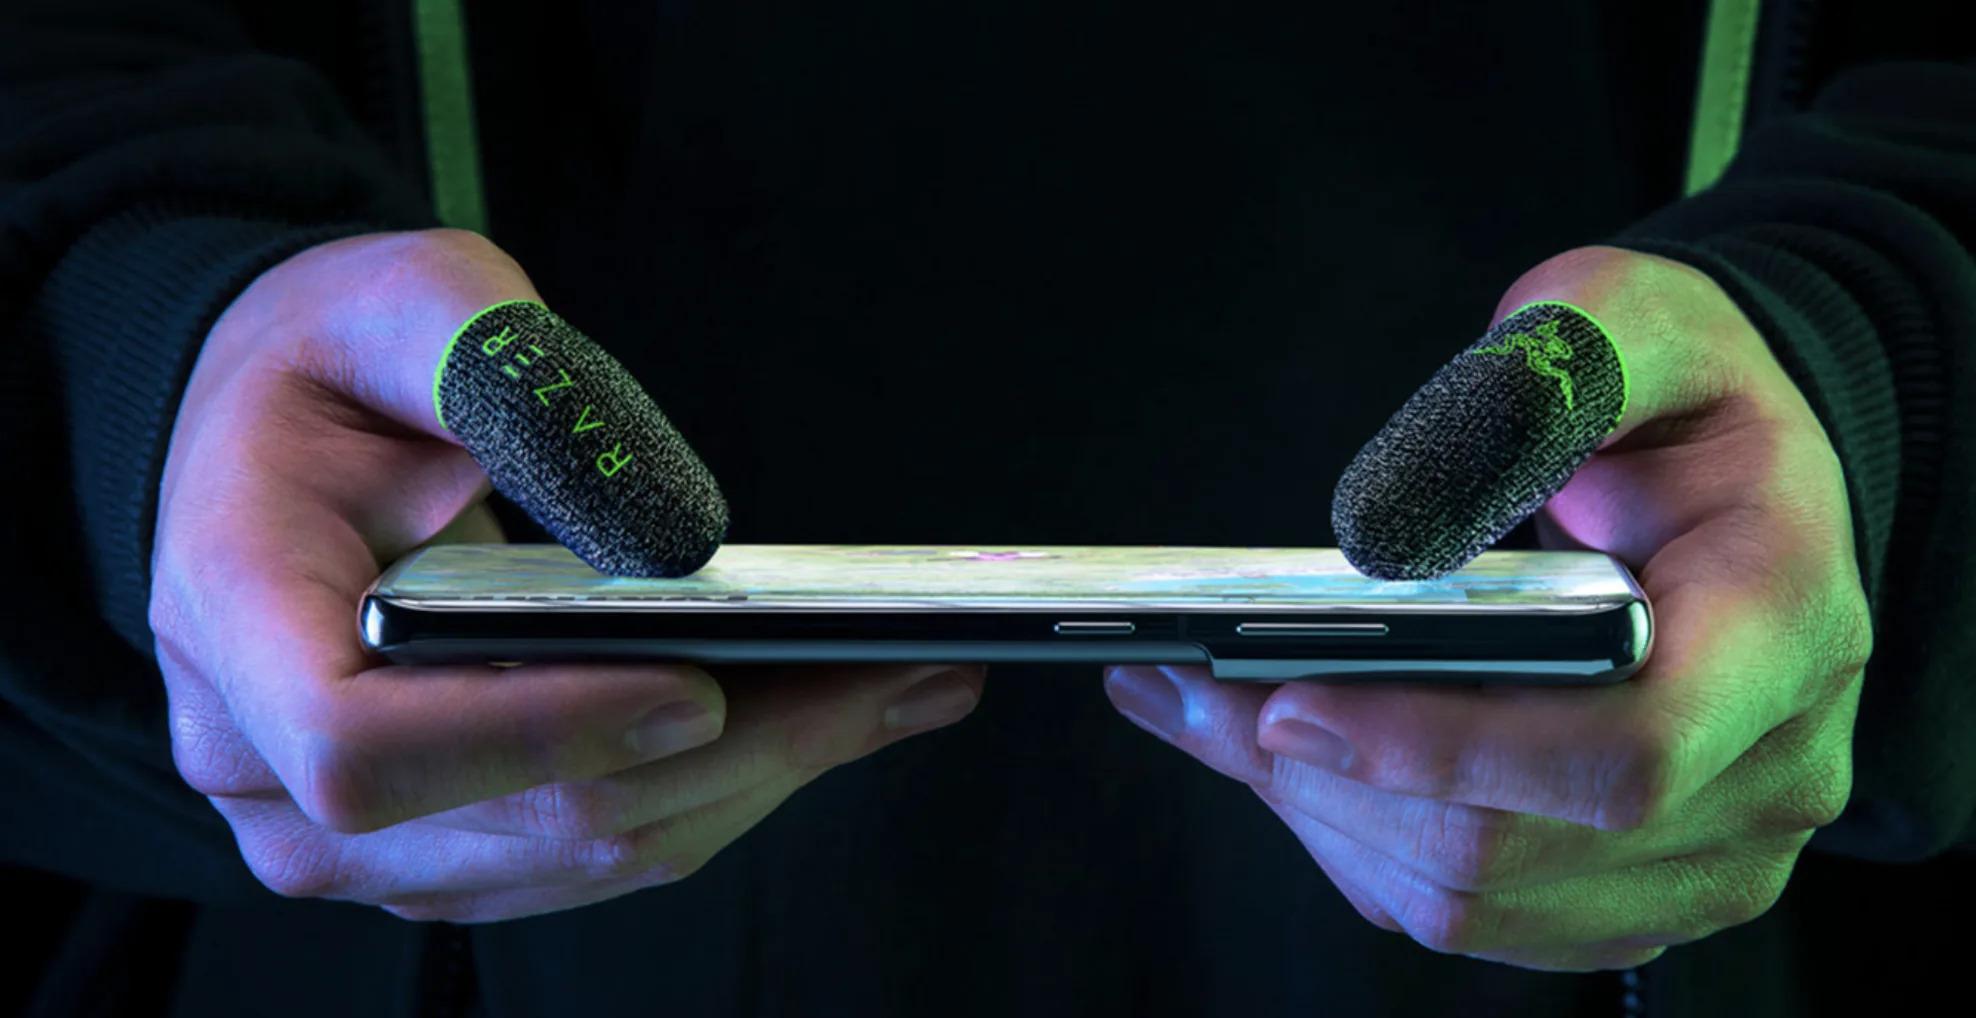 razer finger sleeve